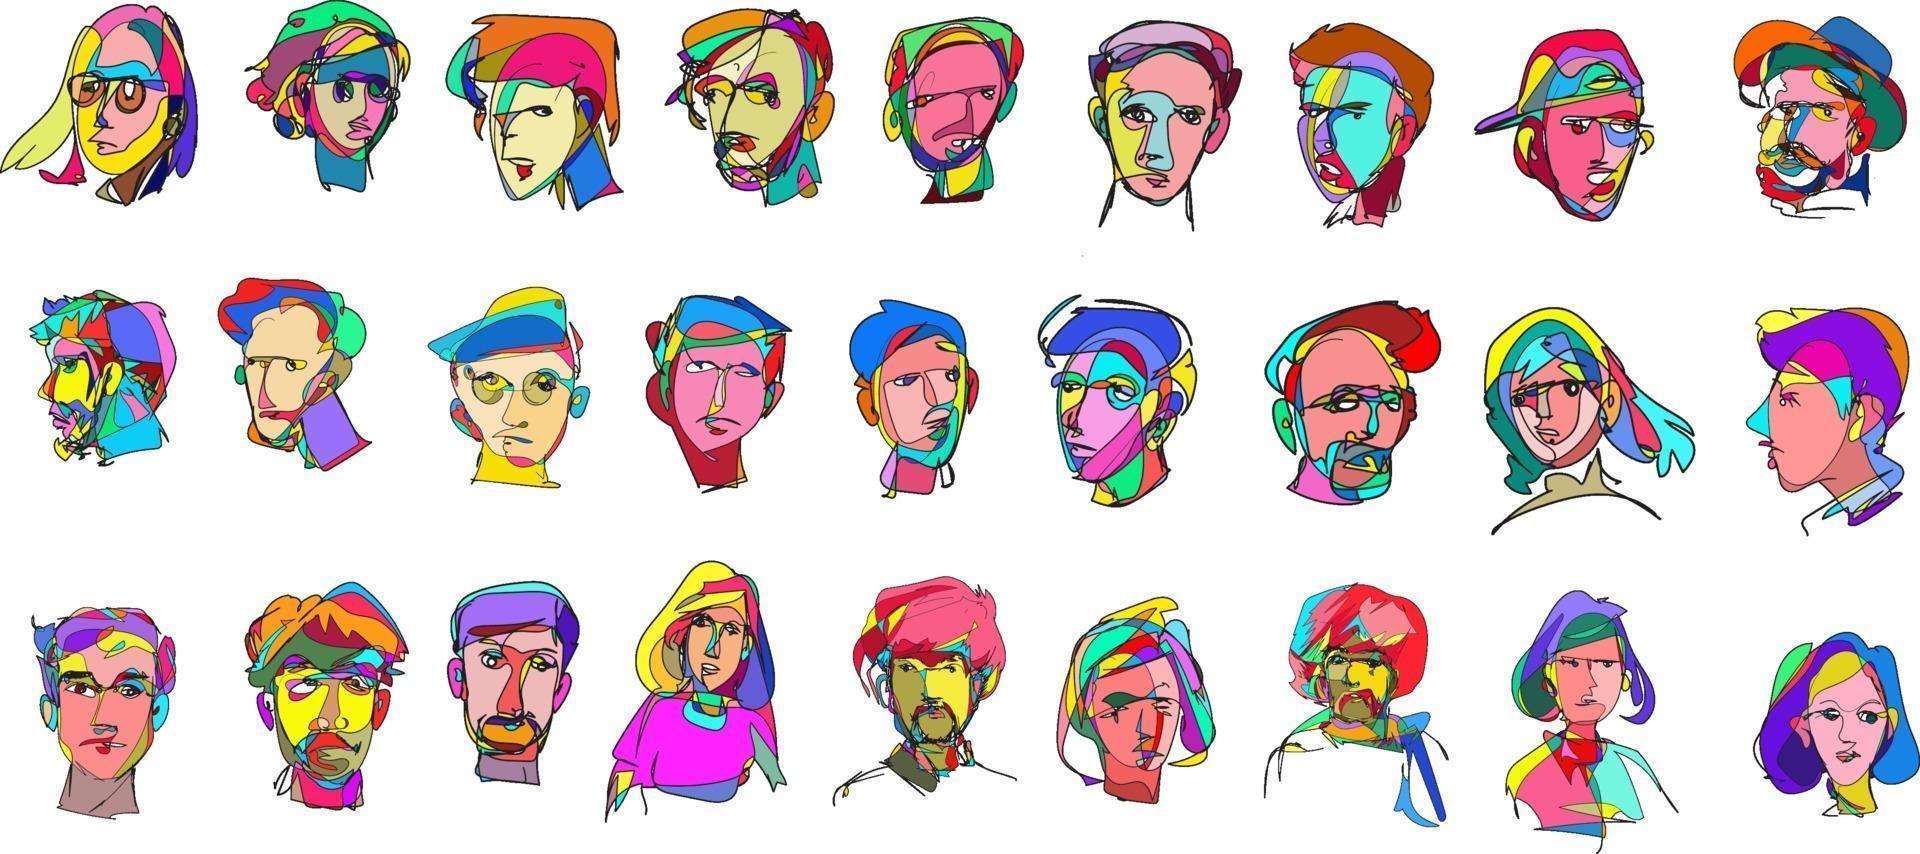 ilustração de cabeças humanas abstratas surreais coloridas em estilo de desenho de linha contínua vetor